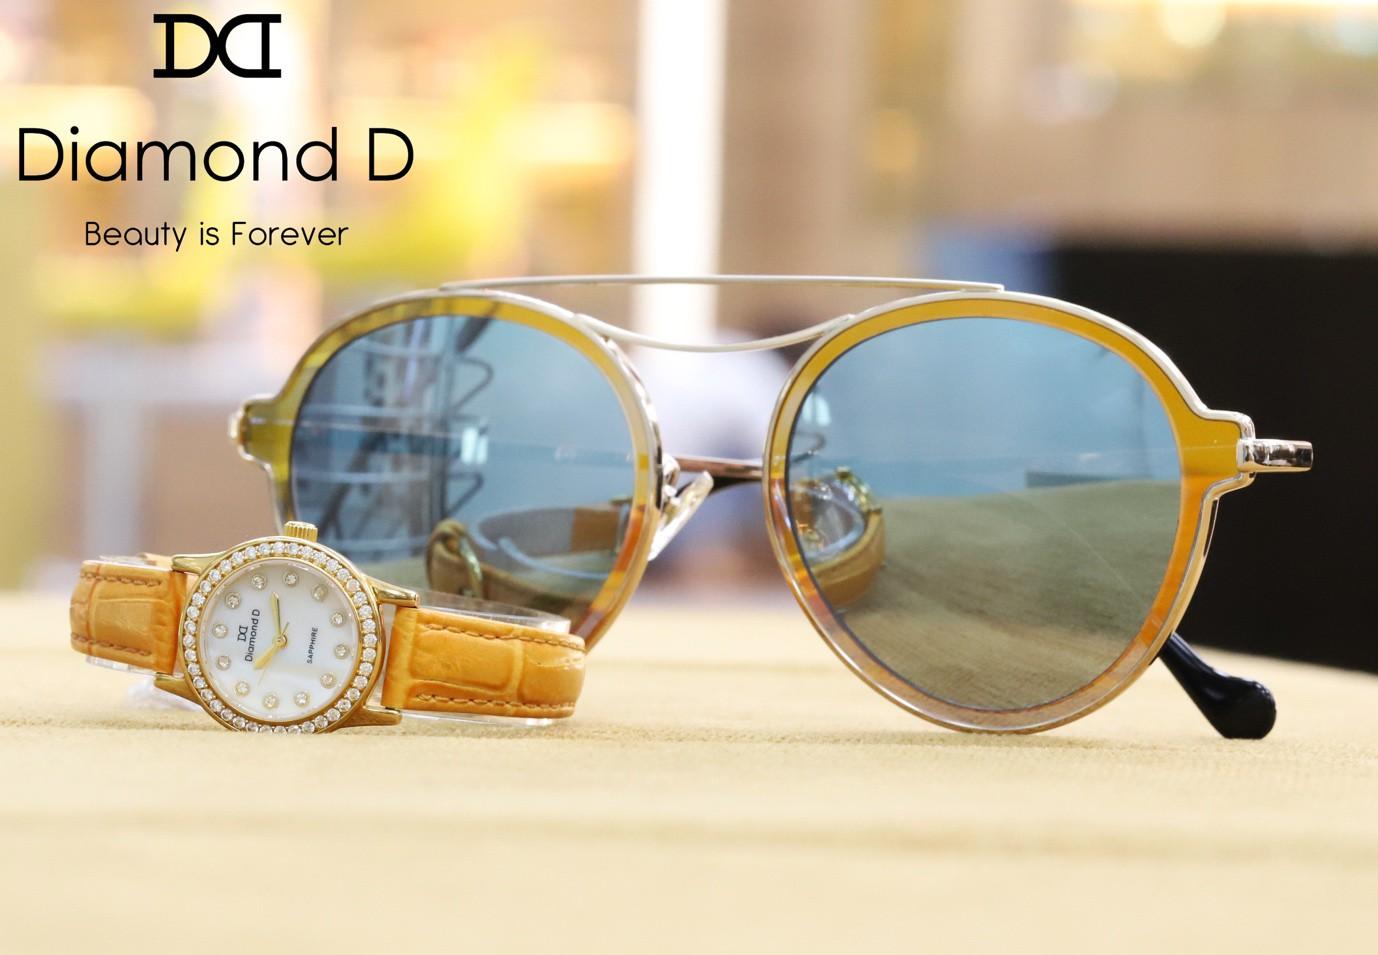 Ưu đãi giảm giá lên đến 25% tuần lễ trải nghiệm mua sắm đỉnh cao với đồng hồ, kính mắt Đăng Quang - Ảnh 4.